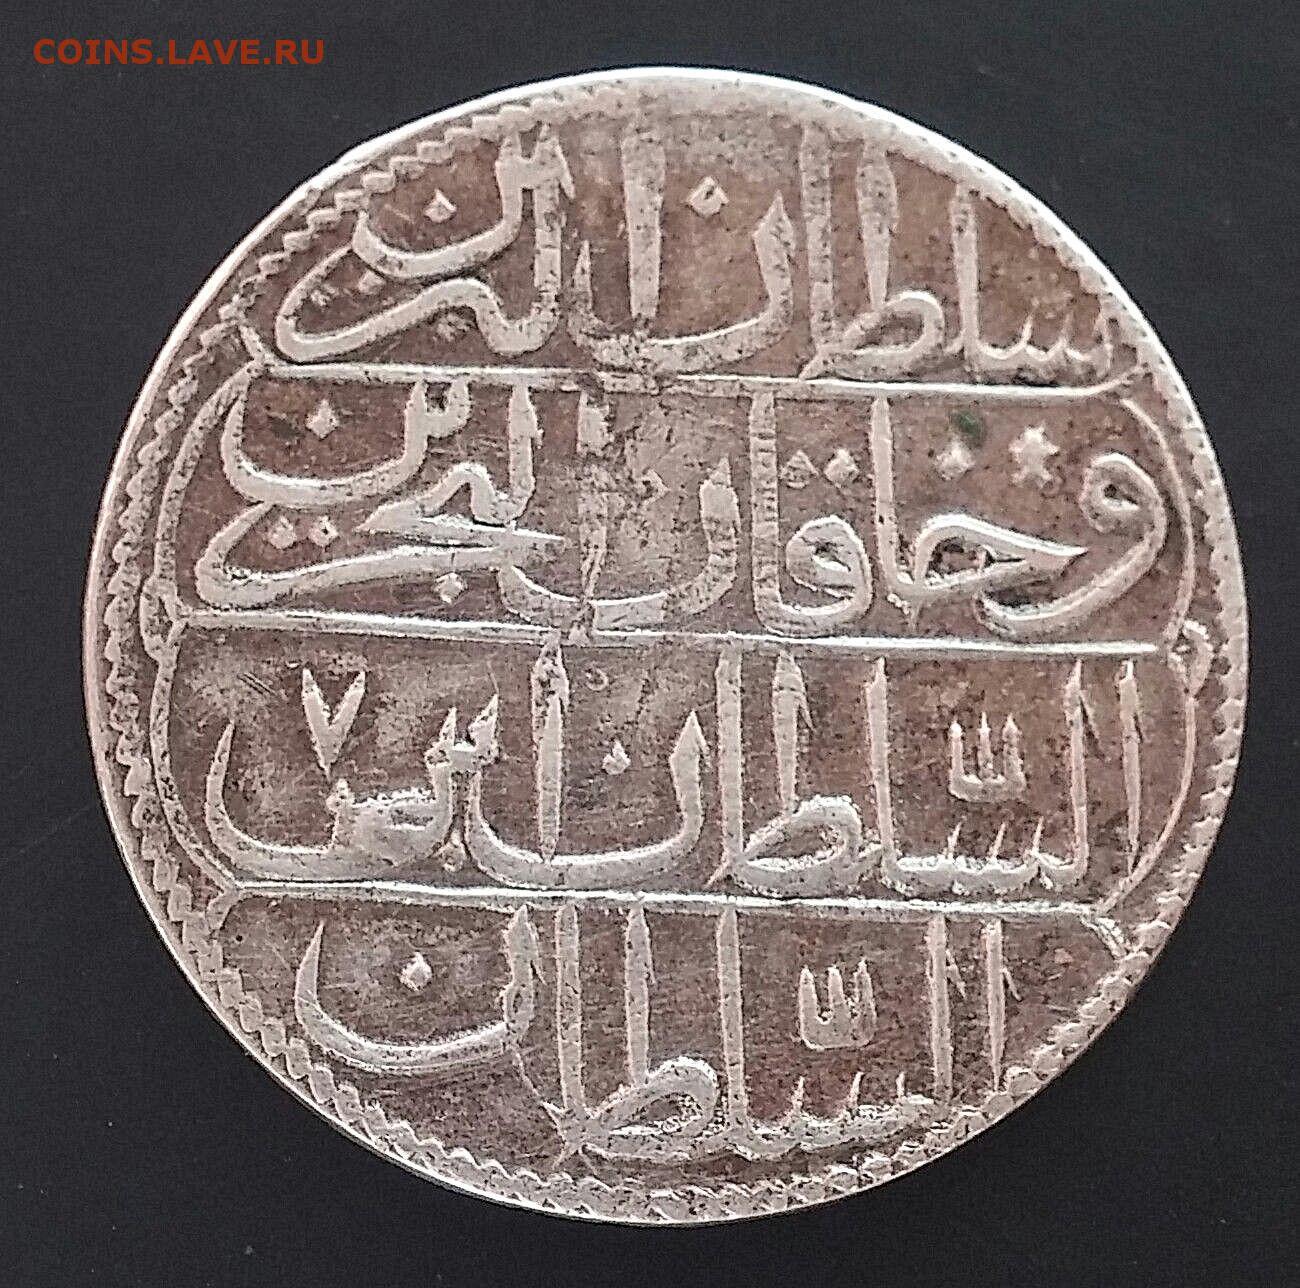 подходящий монеты с арабской вязью фото запасает пищу